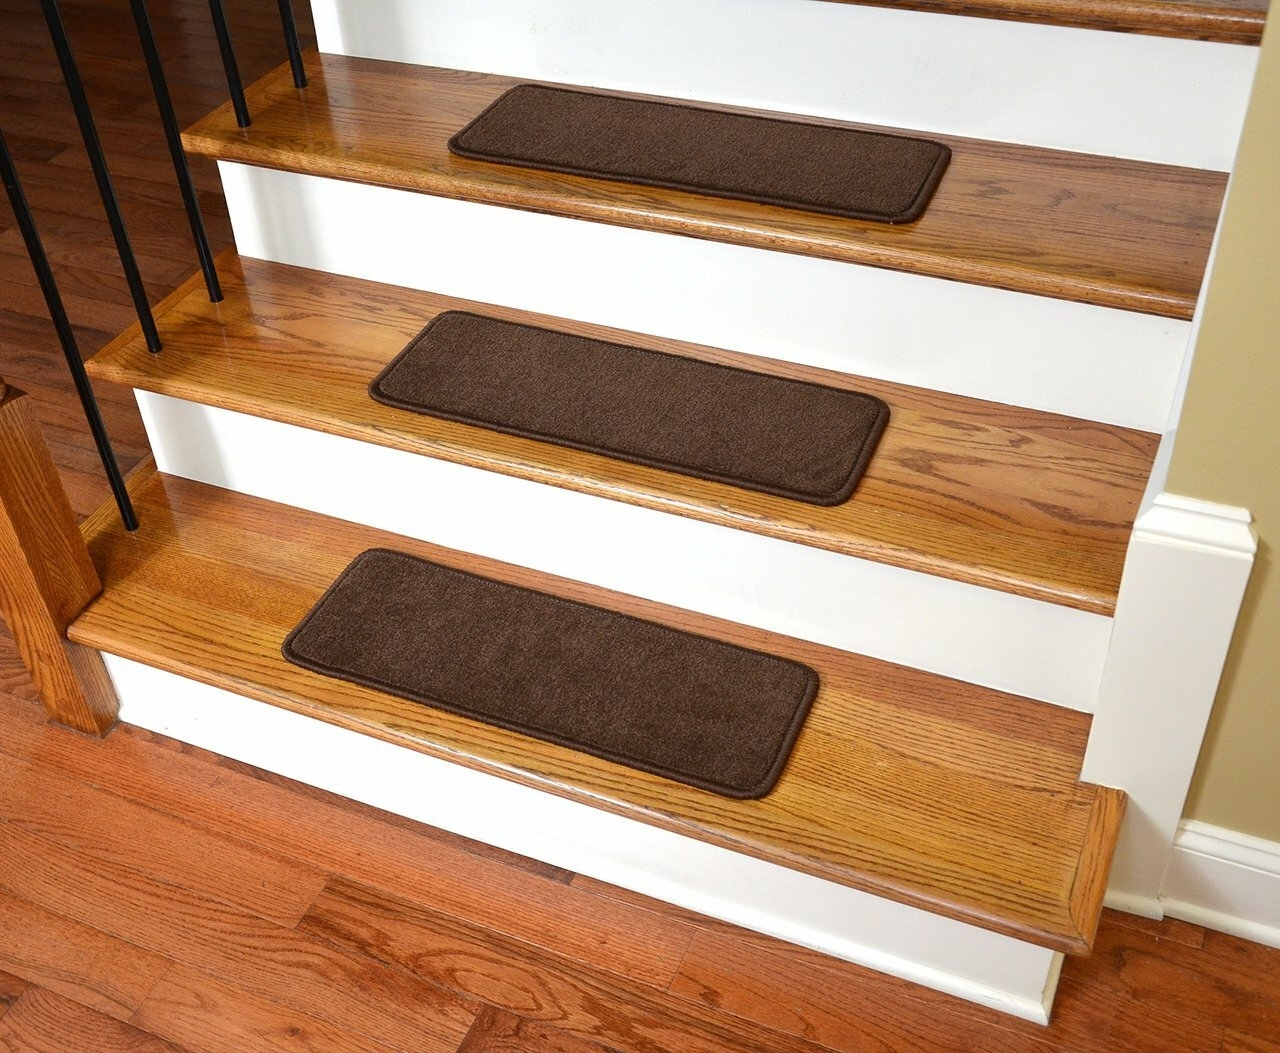 Stair Treads Carpet Non Slip Ideas On Foter   Grey Carpet Treads For Stairs   Bullnose Carpet   Flooring   Magma Grey   Skid Resistant   Carpet Runner